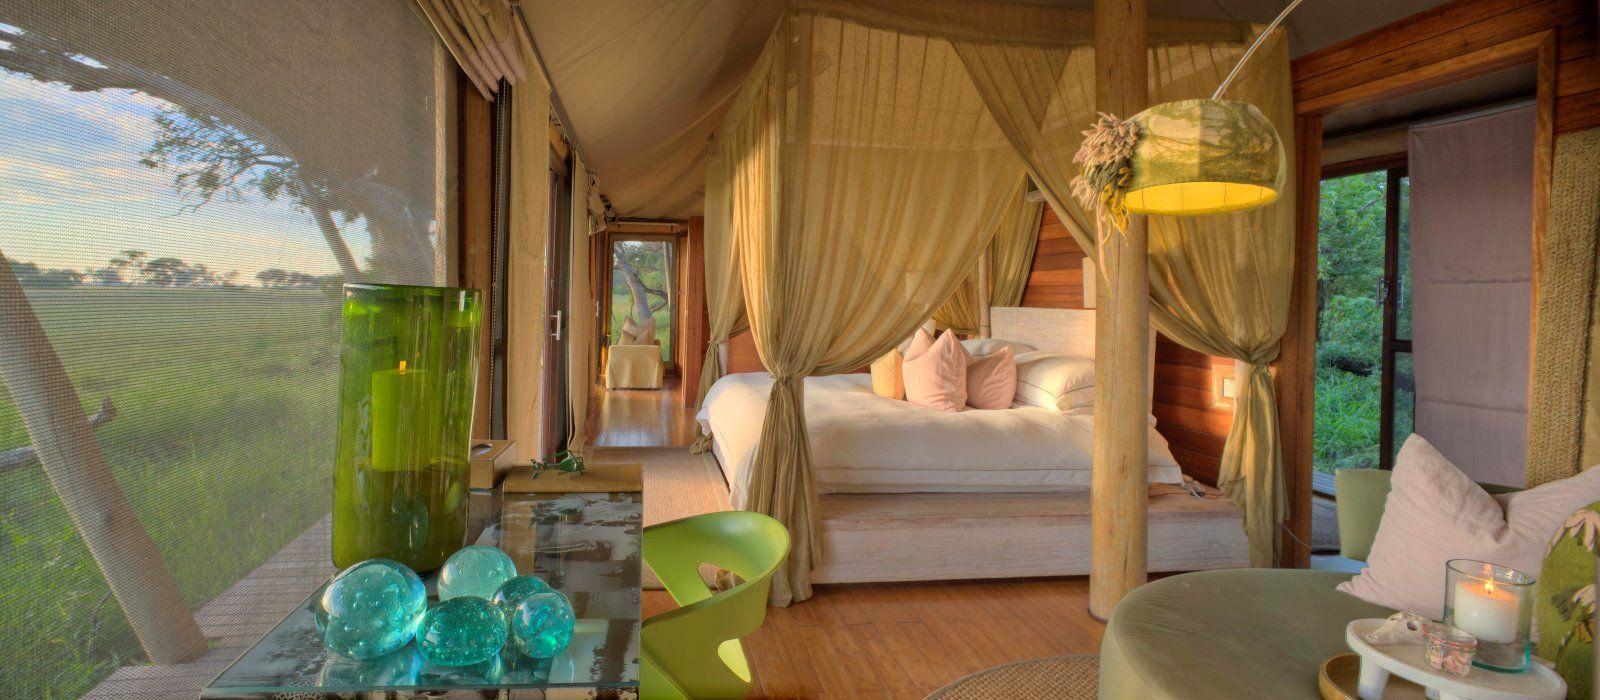 Hotel Xaranna Okavango Delta Camp Botswana